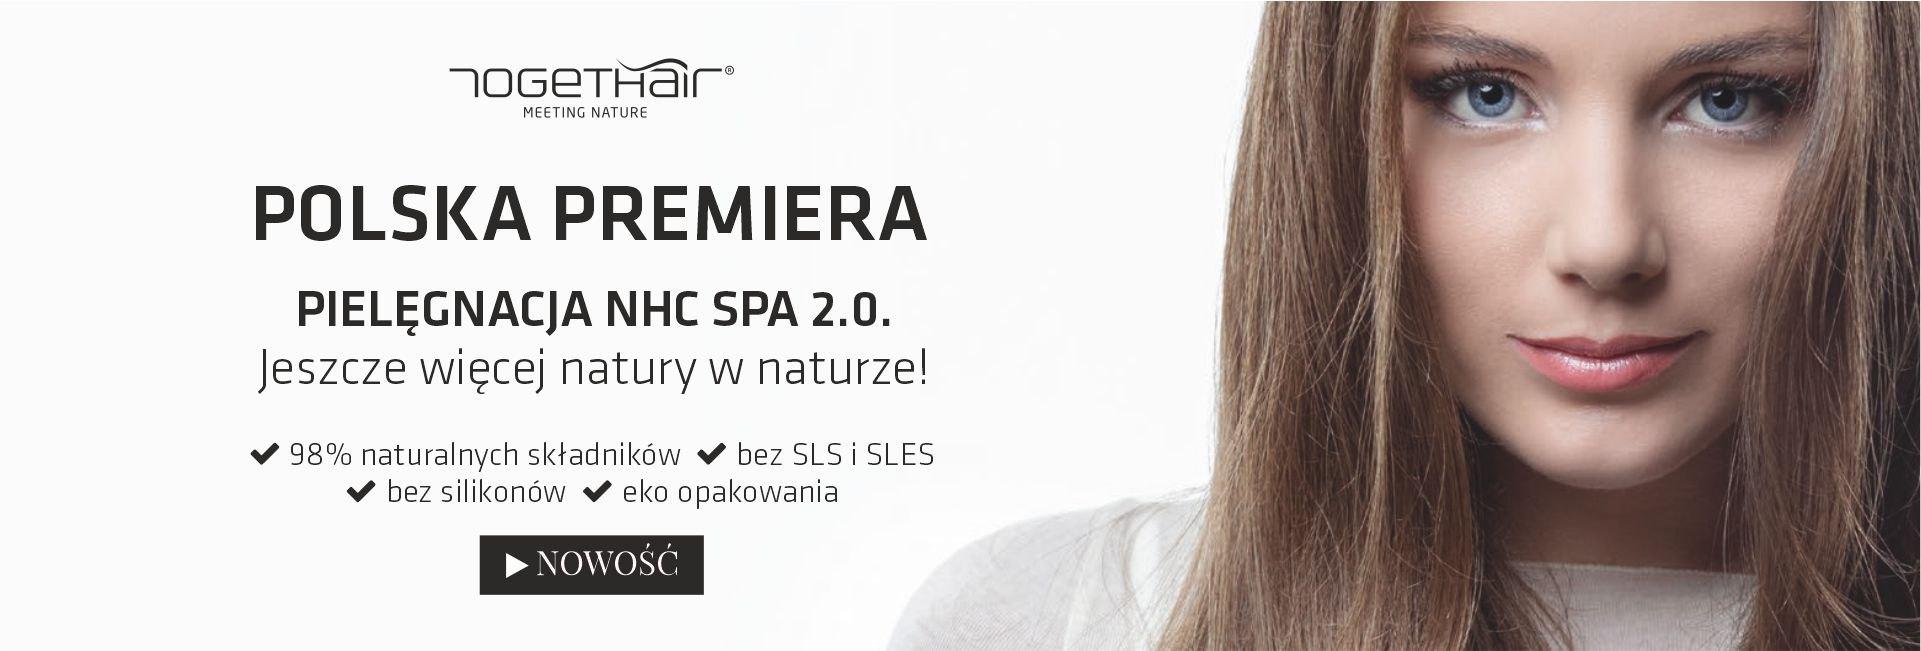 Polska premiera NHC SPA 2.0. by Togethair - naturalne kosmetyki fryzjerskie do włosów